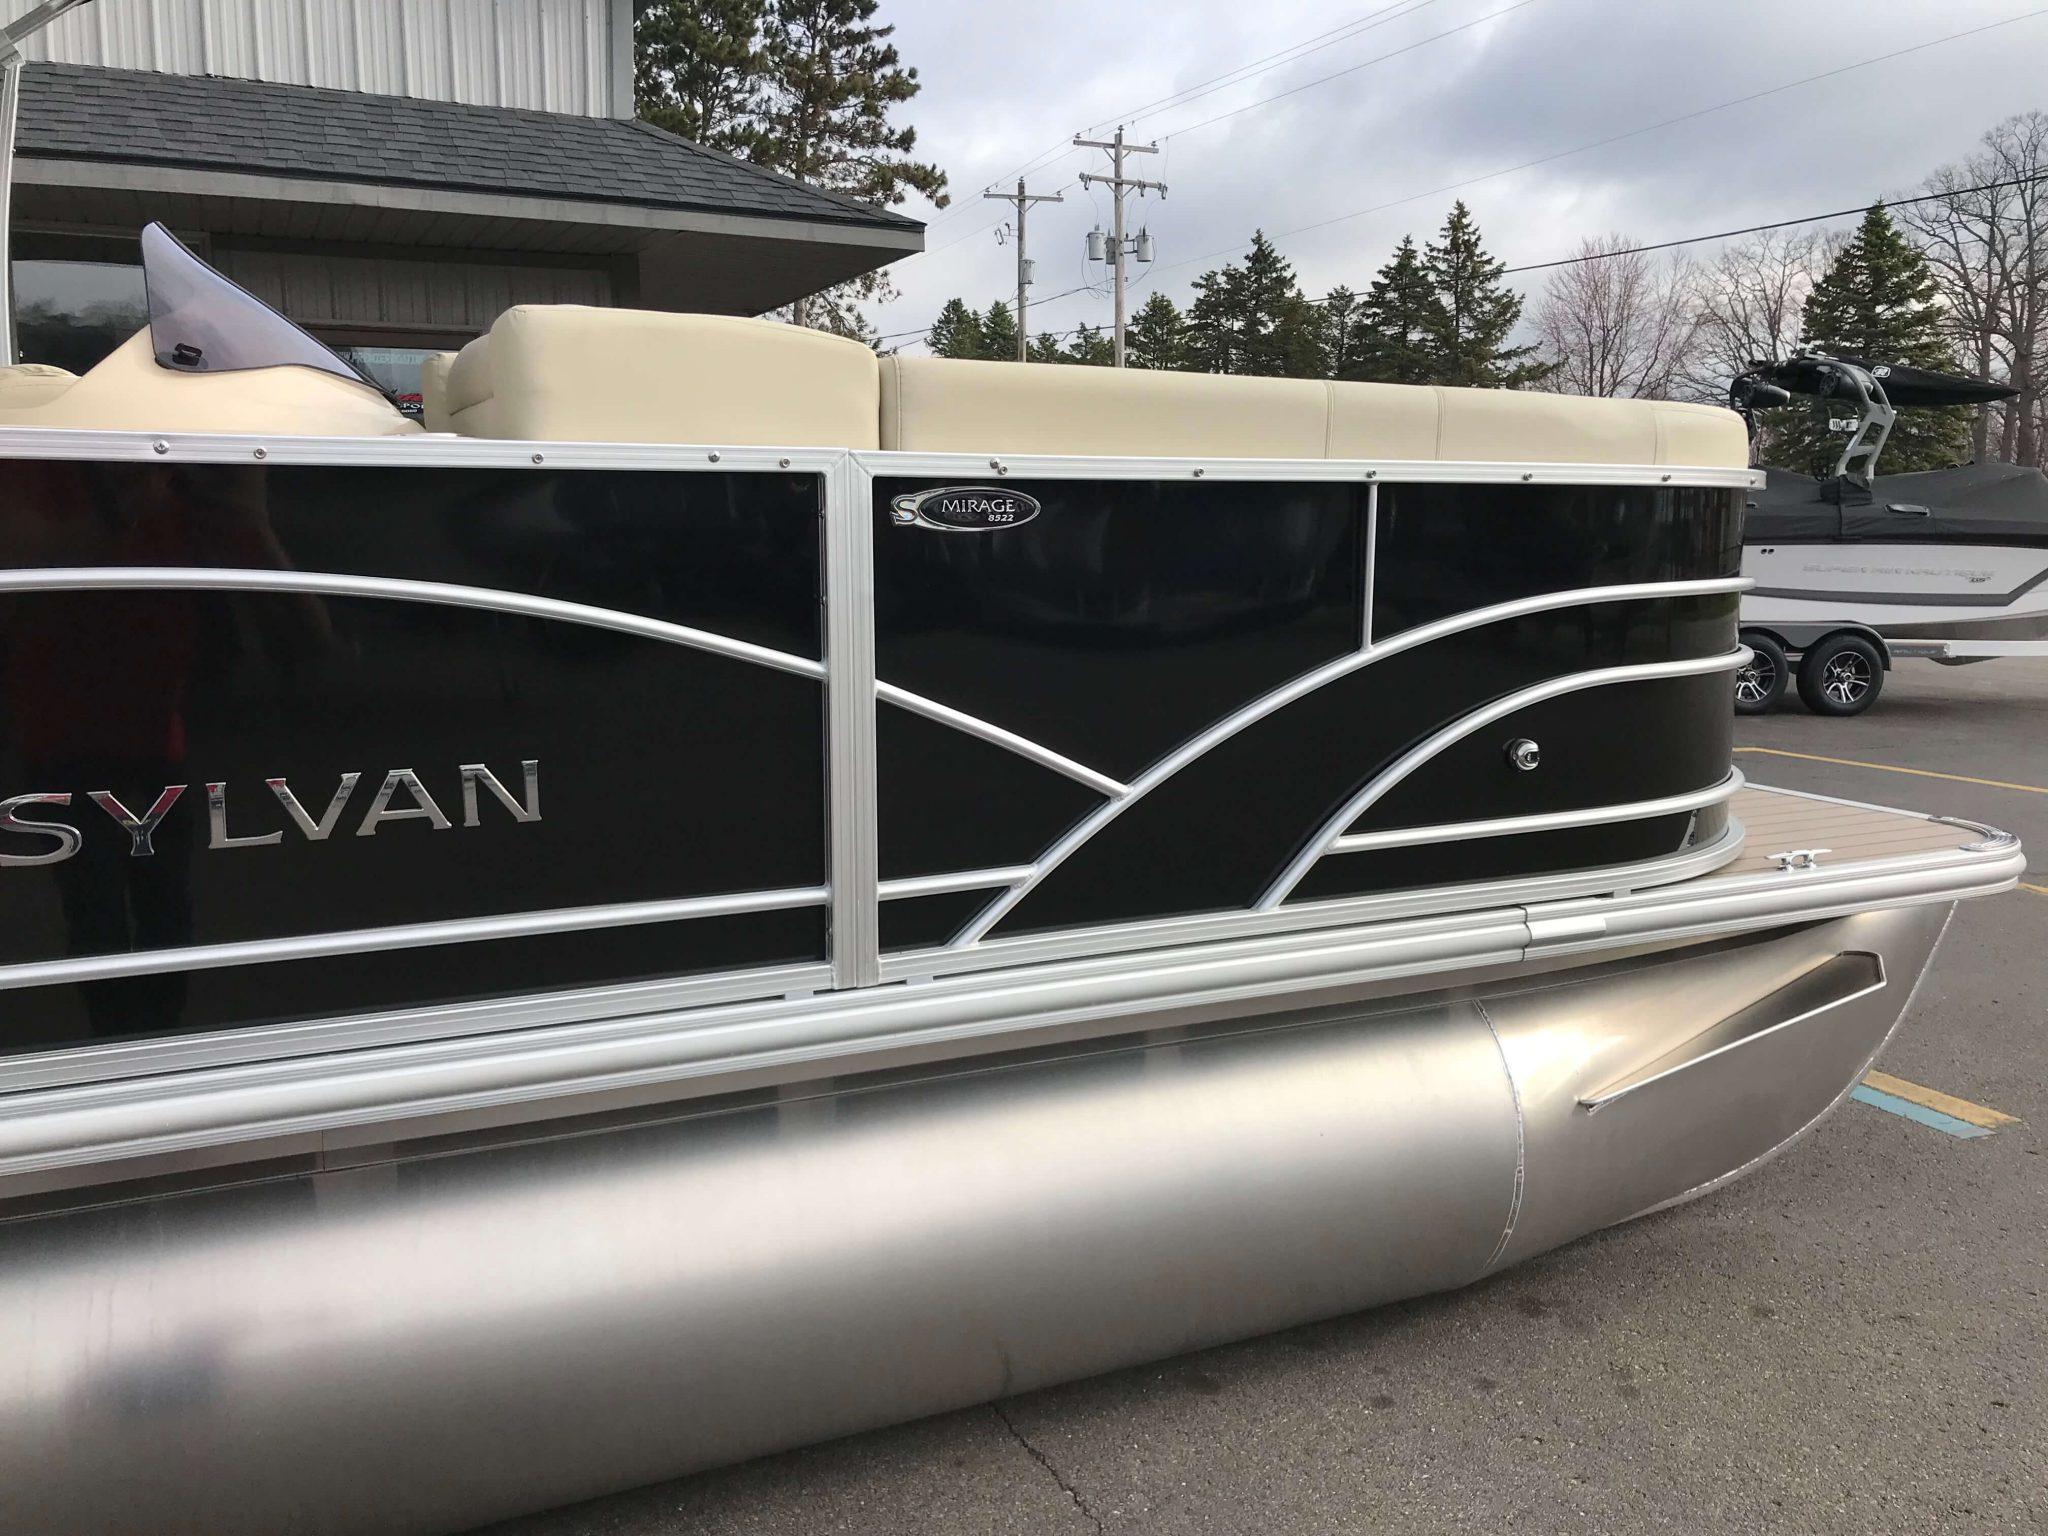 2019 Sylvan Mirage 8522 Cruise Black 6